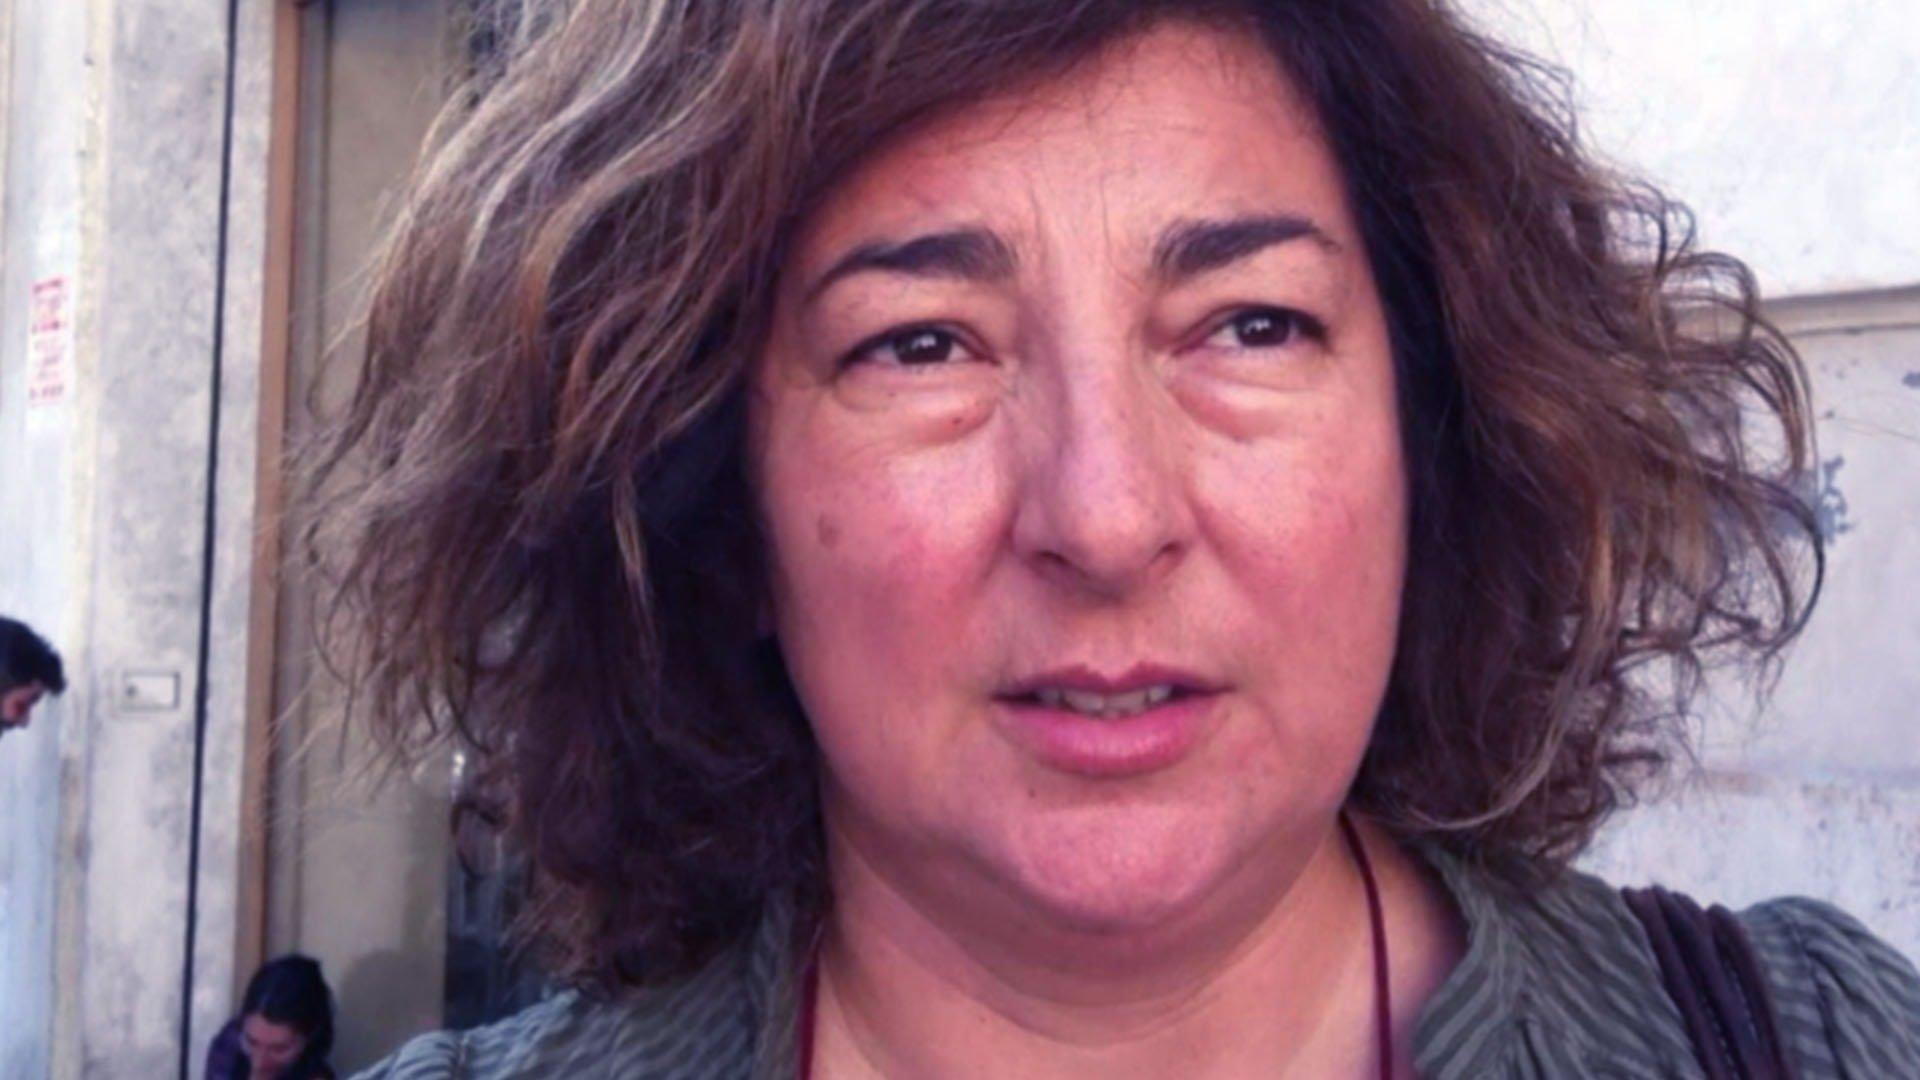 La madre di Aldrovandi, Patrizia Moretti, ha lanciato un appello contro i taser